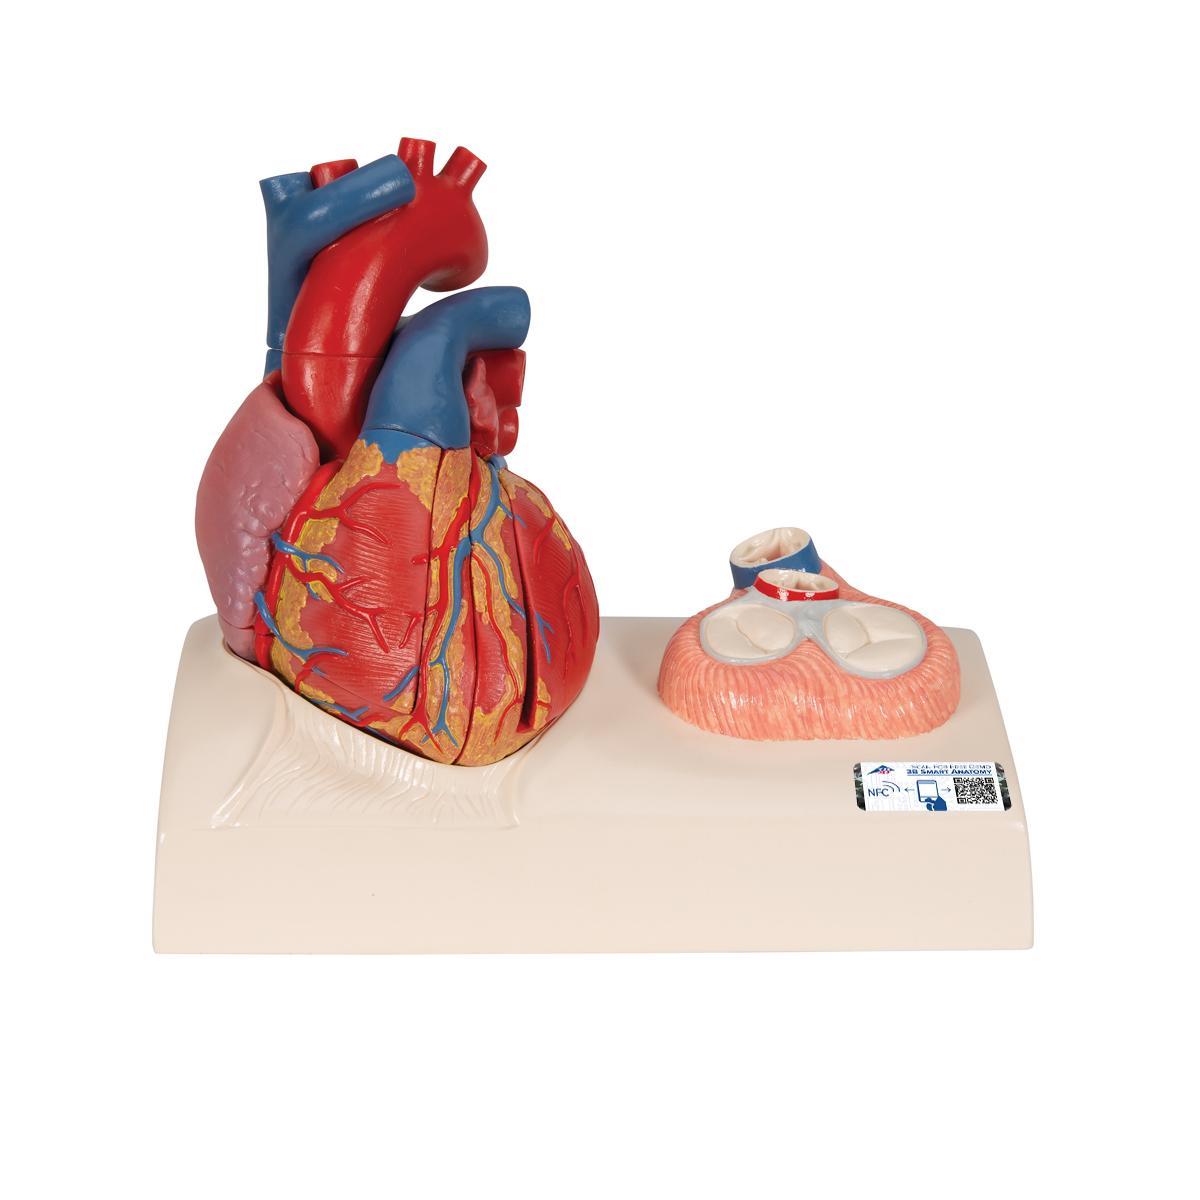 Herzmodell in Lebensgröße mit magnetischen Verbindungen, 5-teilig ...